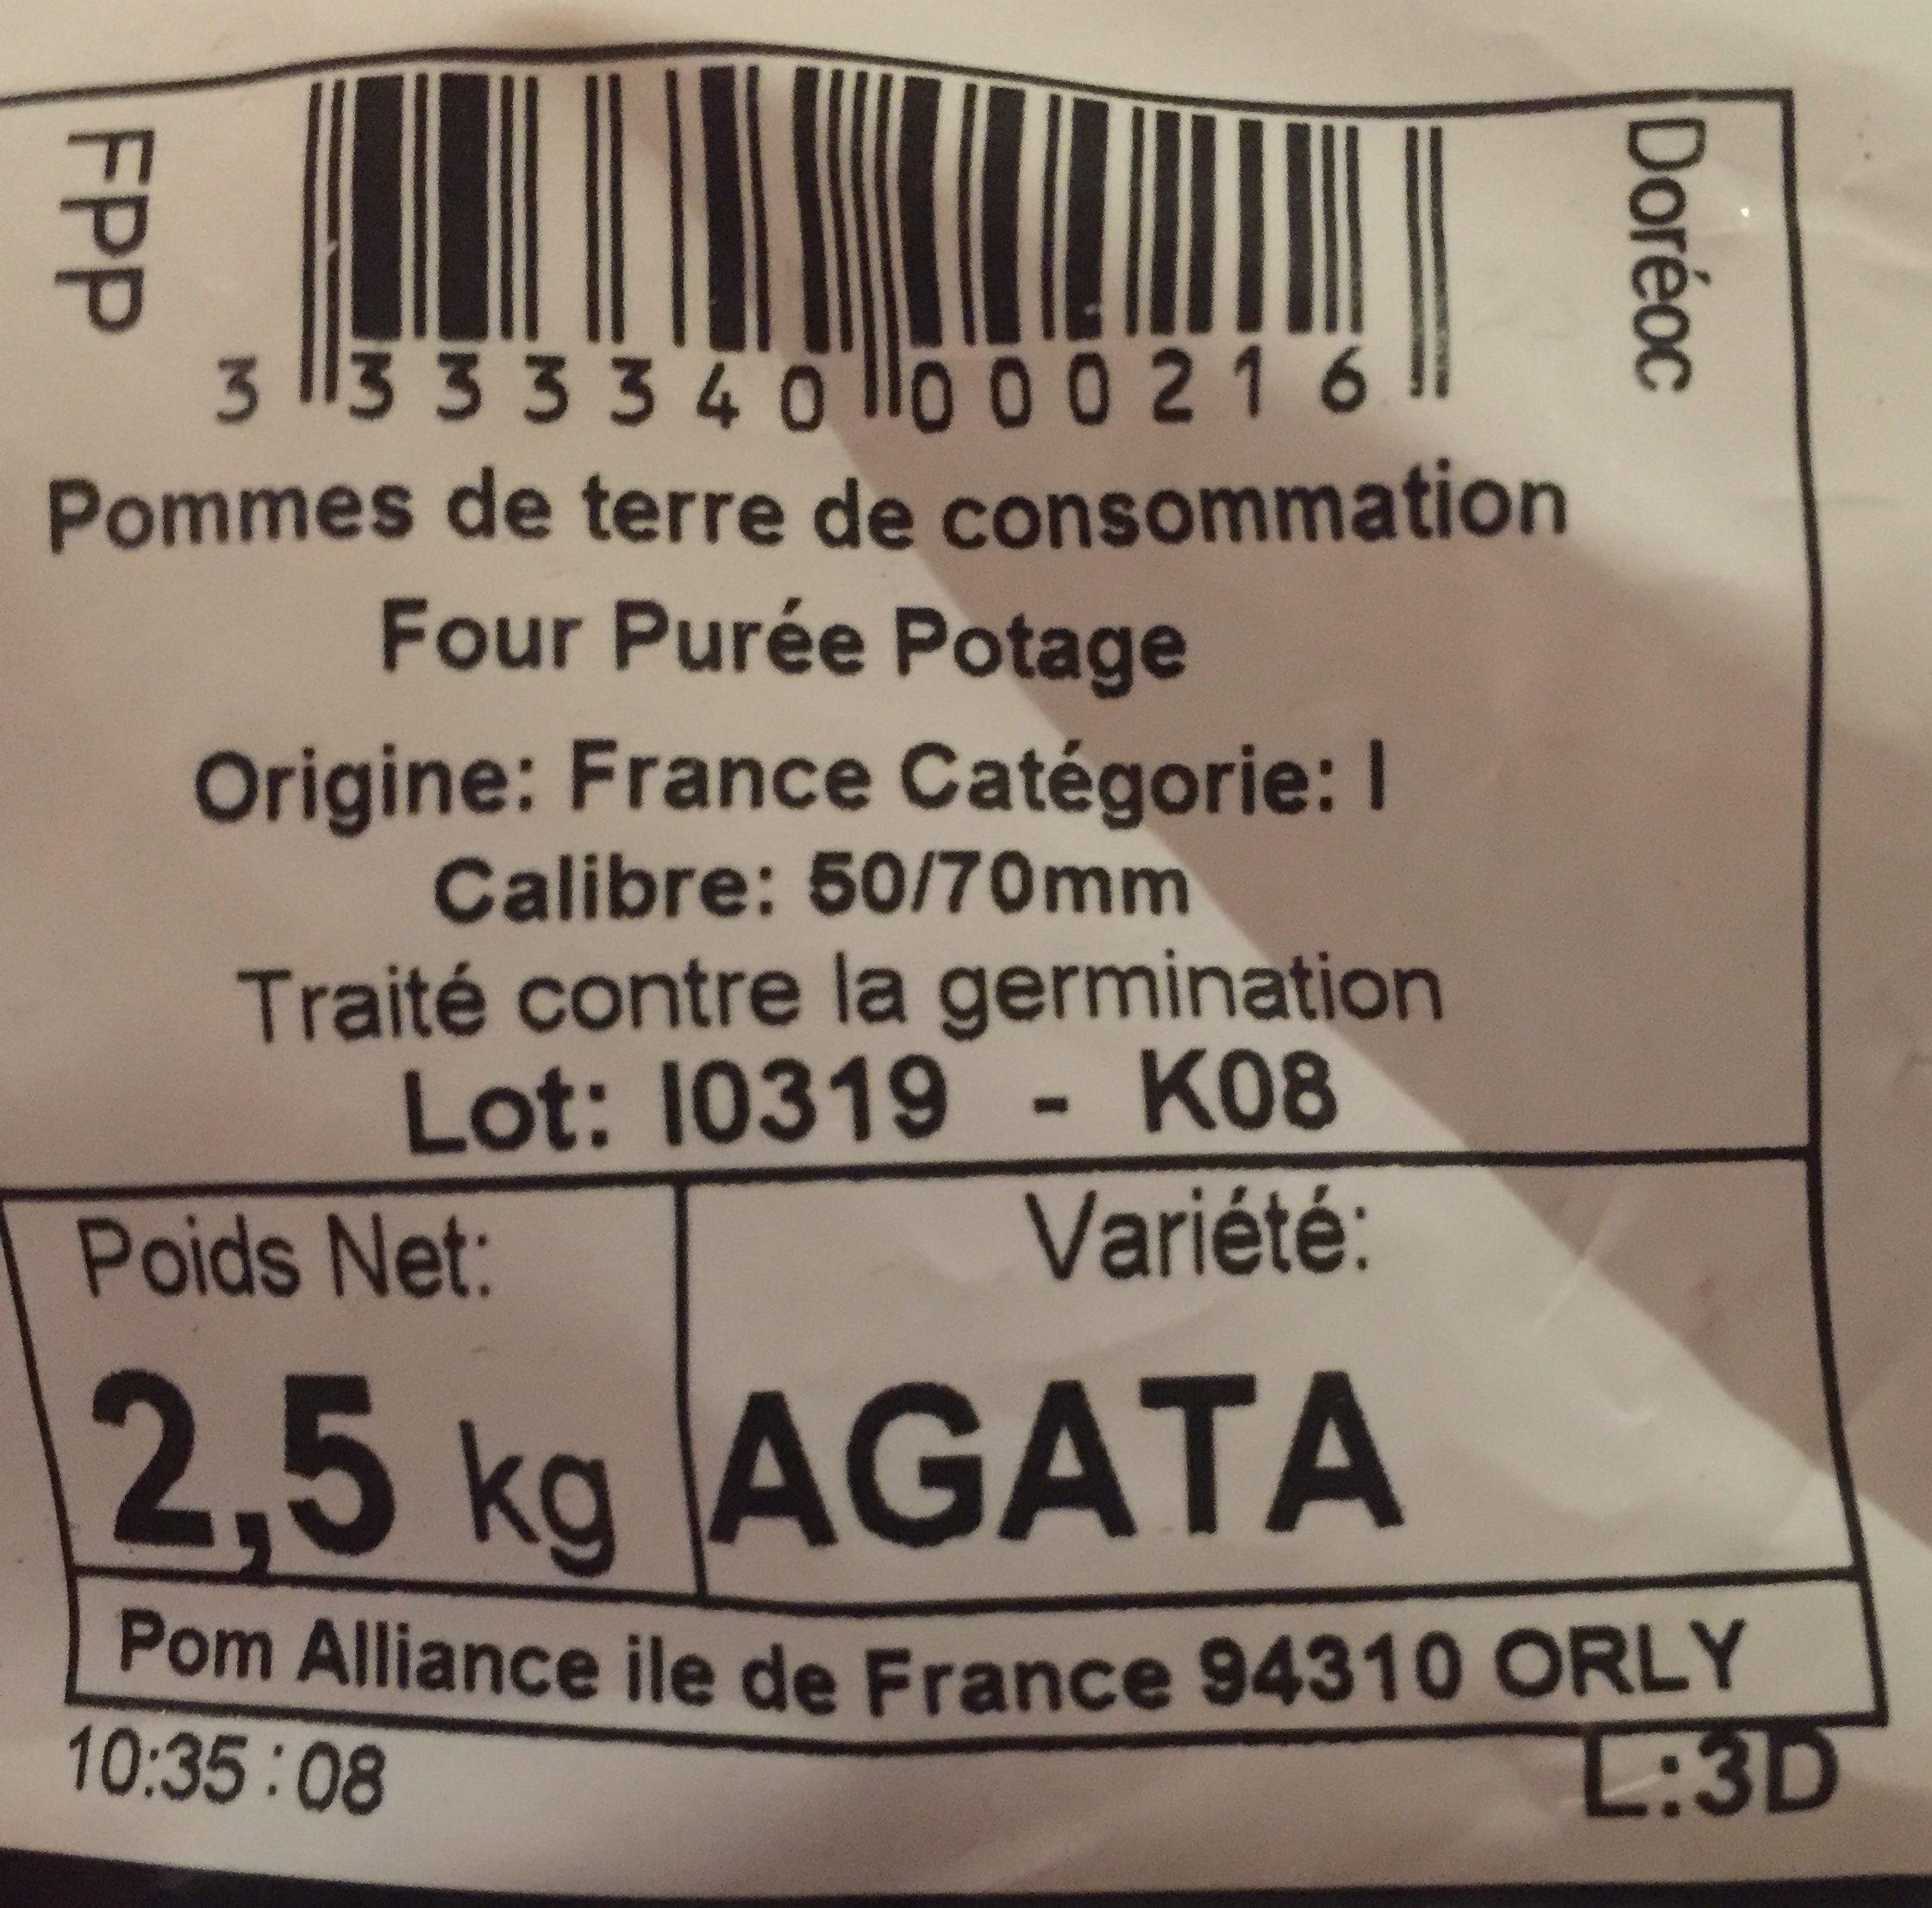 Pomme de terre pour frite, purée et potage, Variété  Milva,      Catégorie 1, Calibre 50/70mm - Ingredients